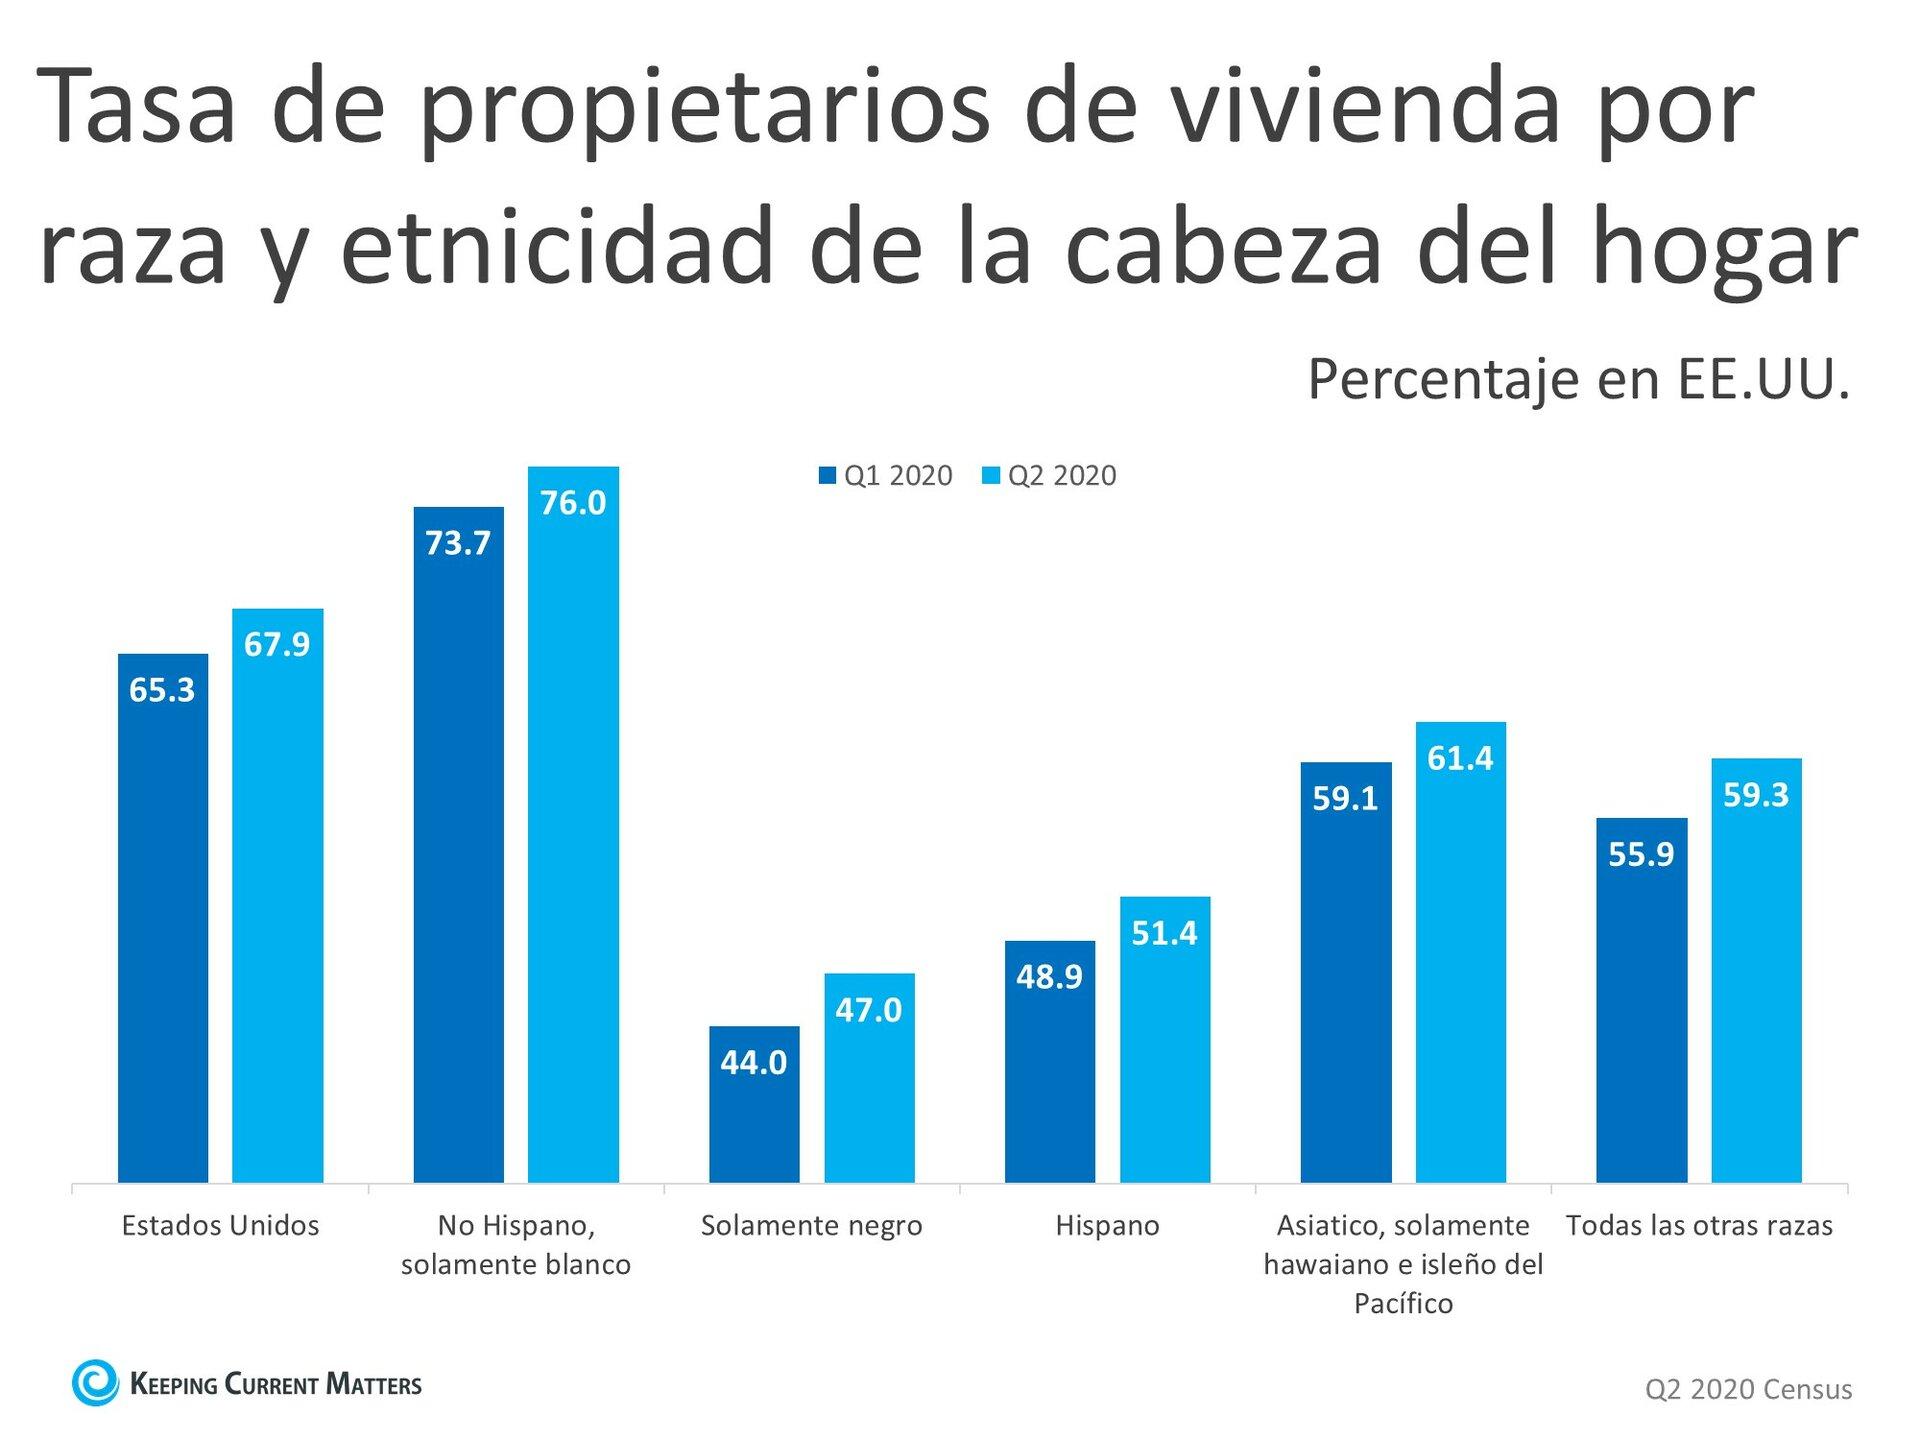 La tasa de los propietarios de vivienda sigue aumentando en 2020 | Keeping Current Matters